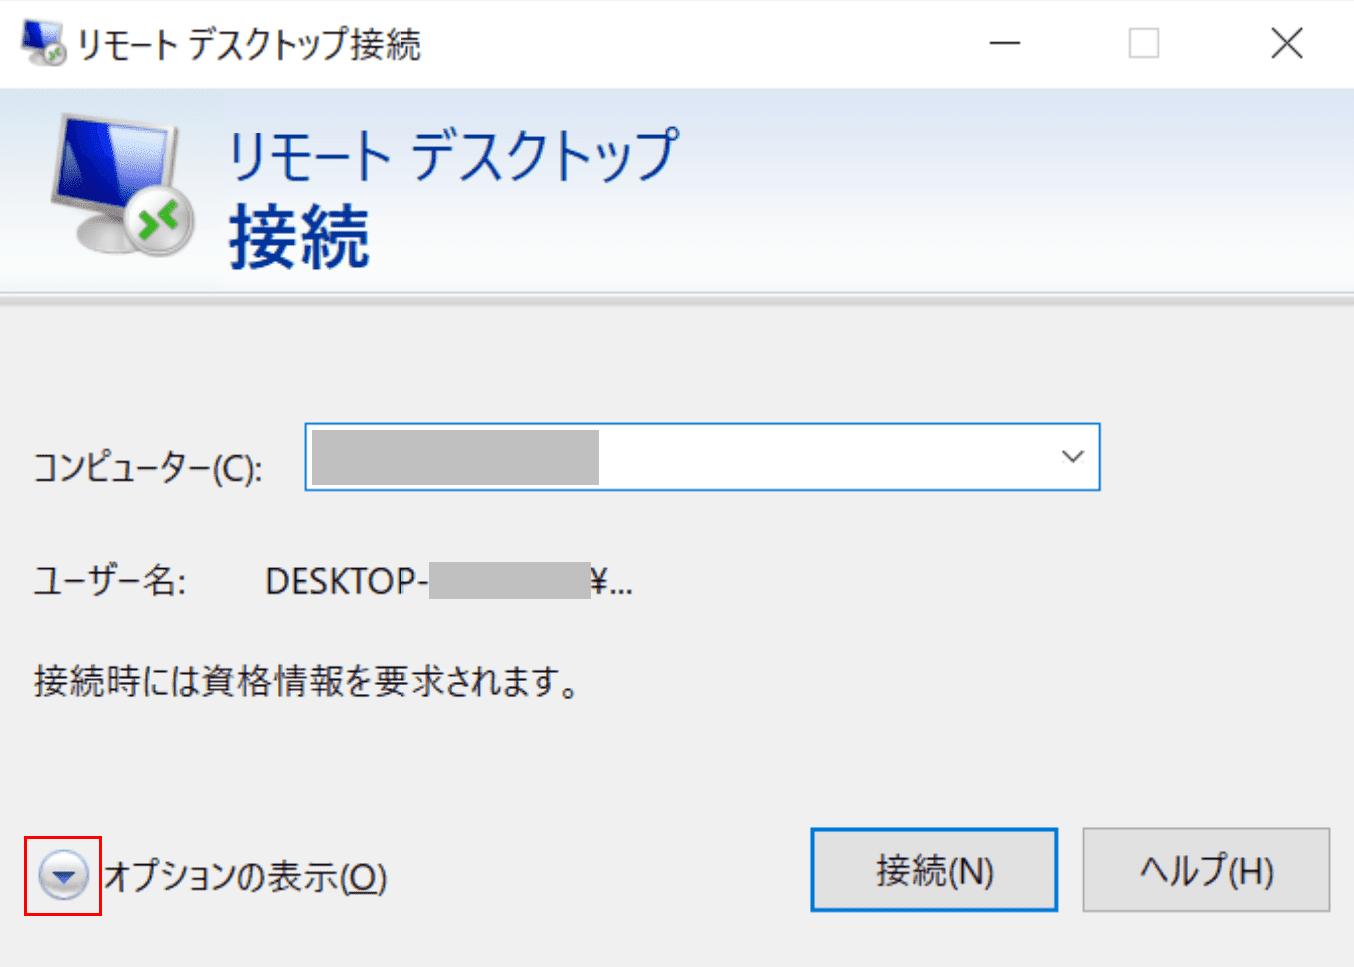 リモートデスクトップ接続の設定